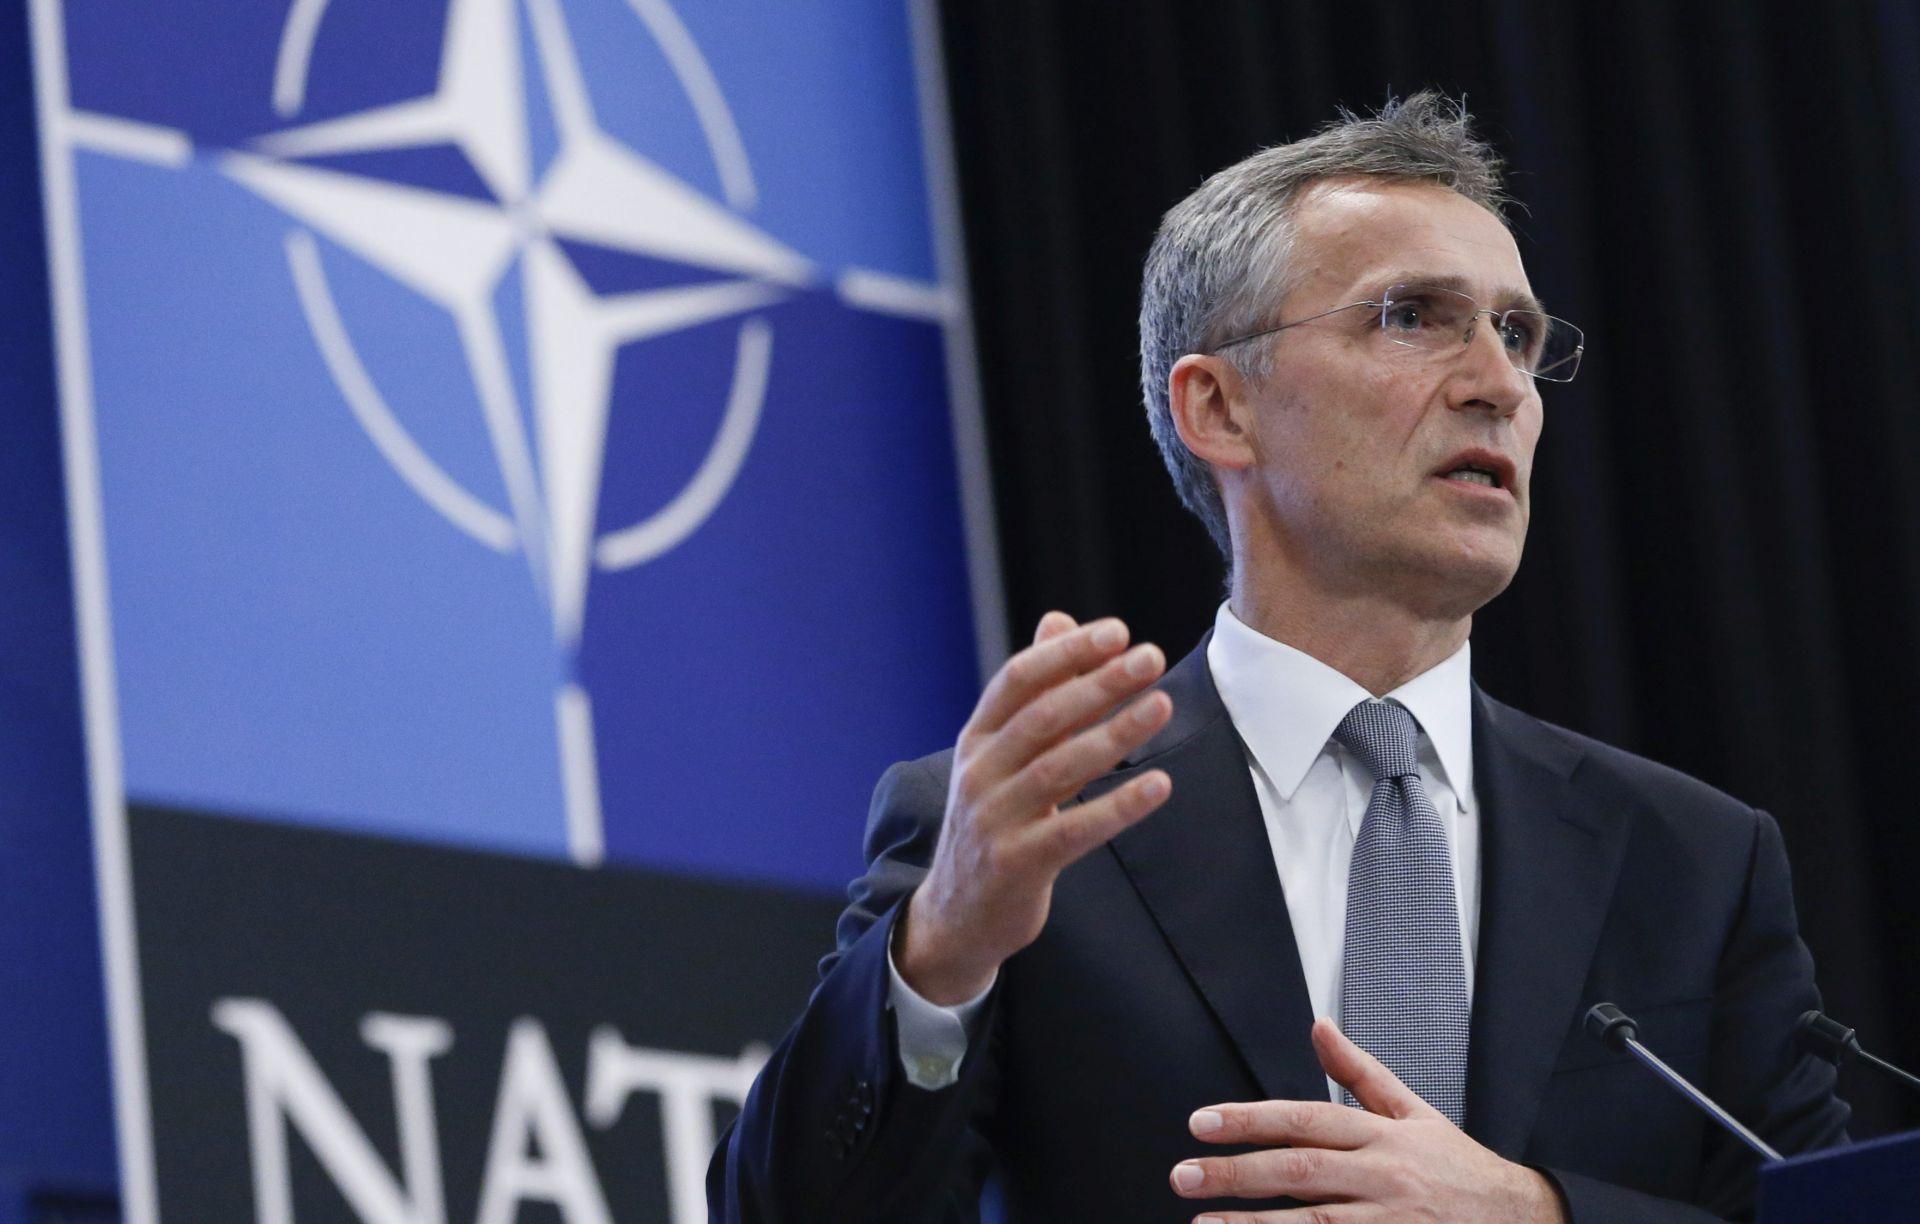 EU I NATO: Potpisana zajednička izjava o jačanju suradnje zbog izazova s istoka i juga